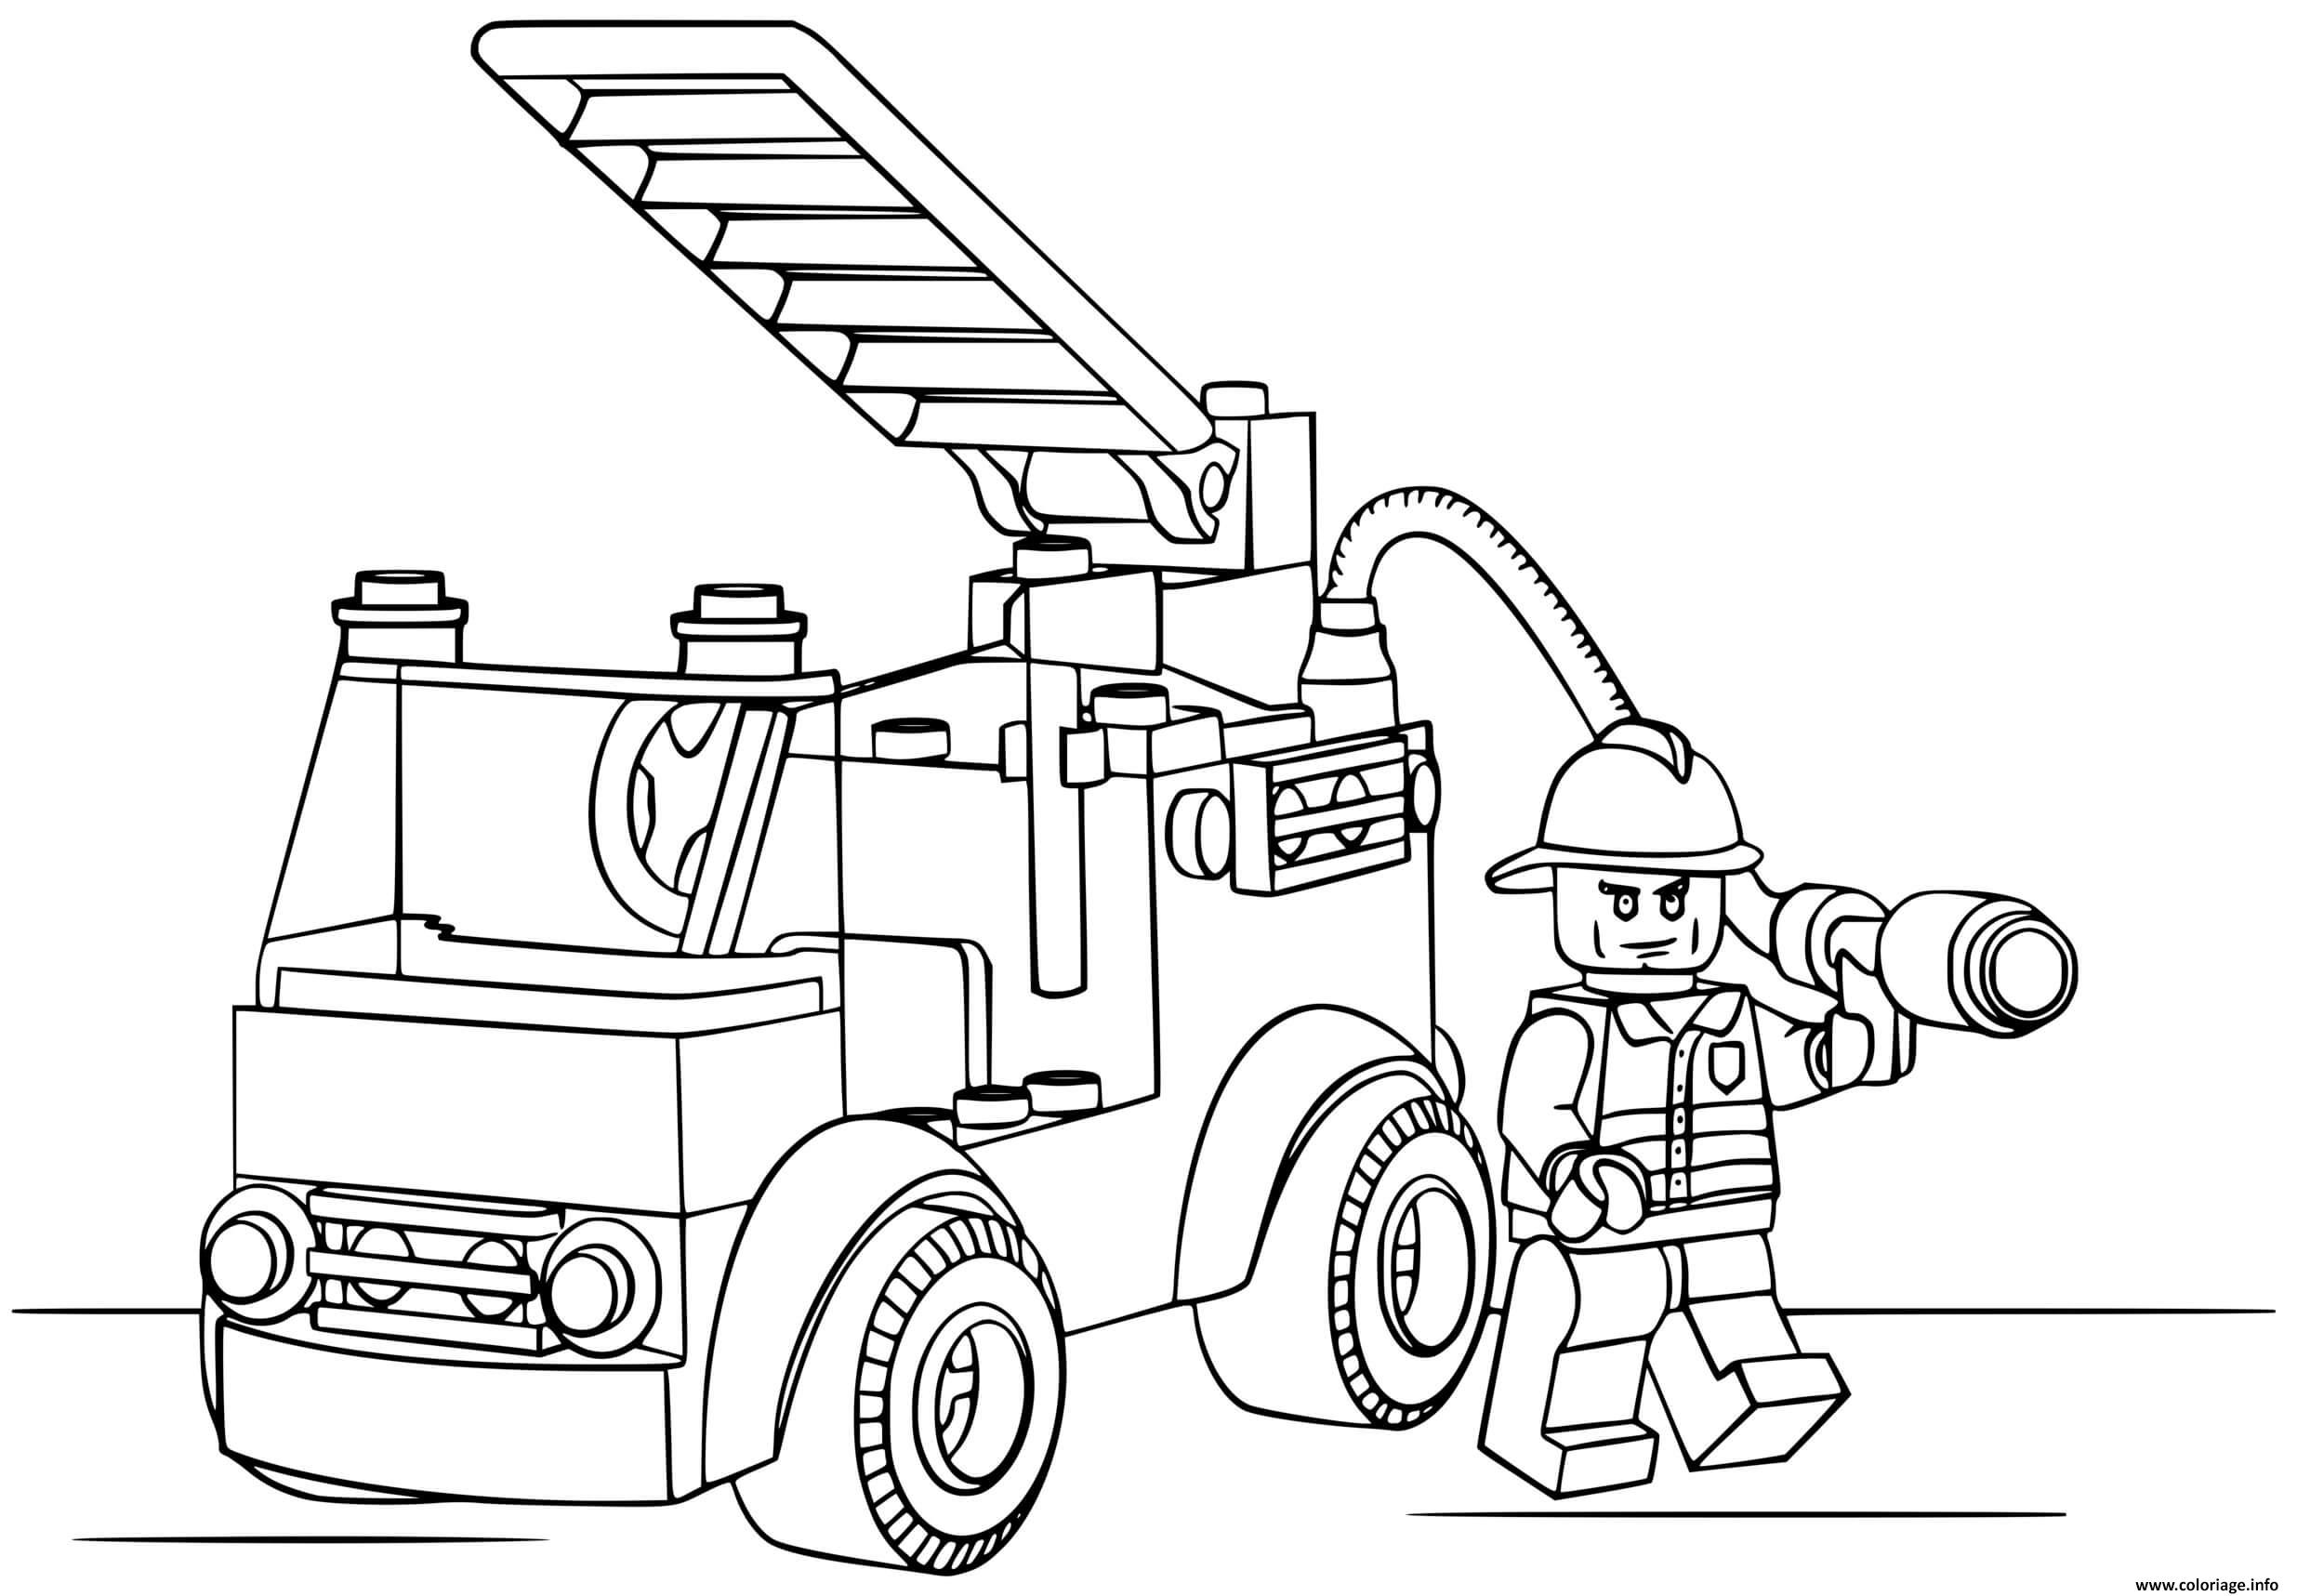 Dessin camion de pompier lego Coloriage Gratuit à Imprimer